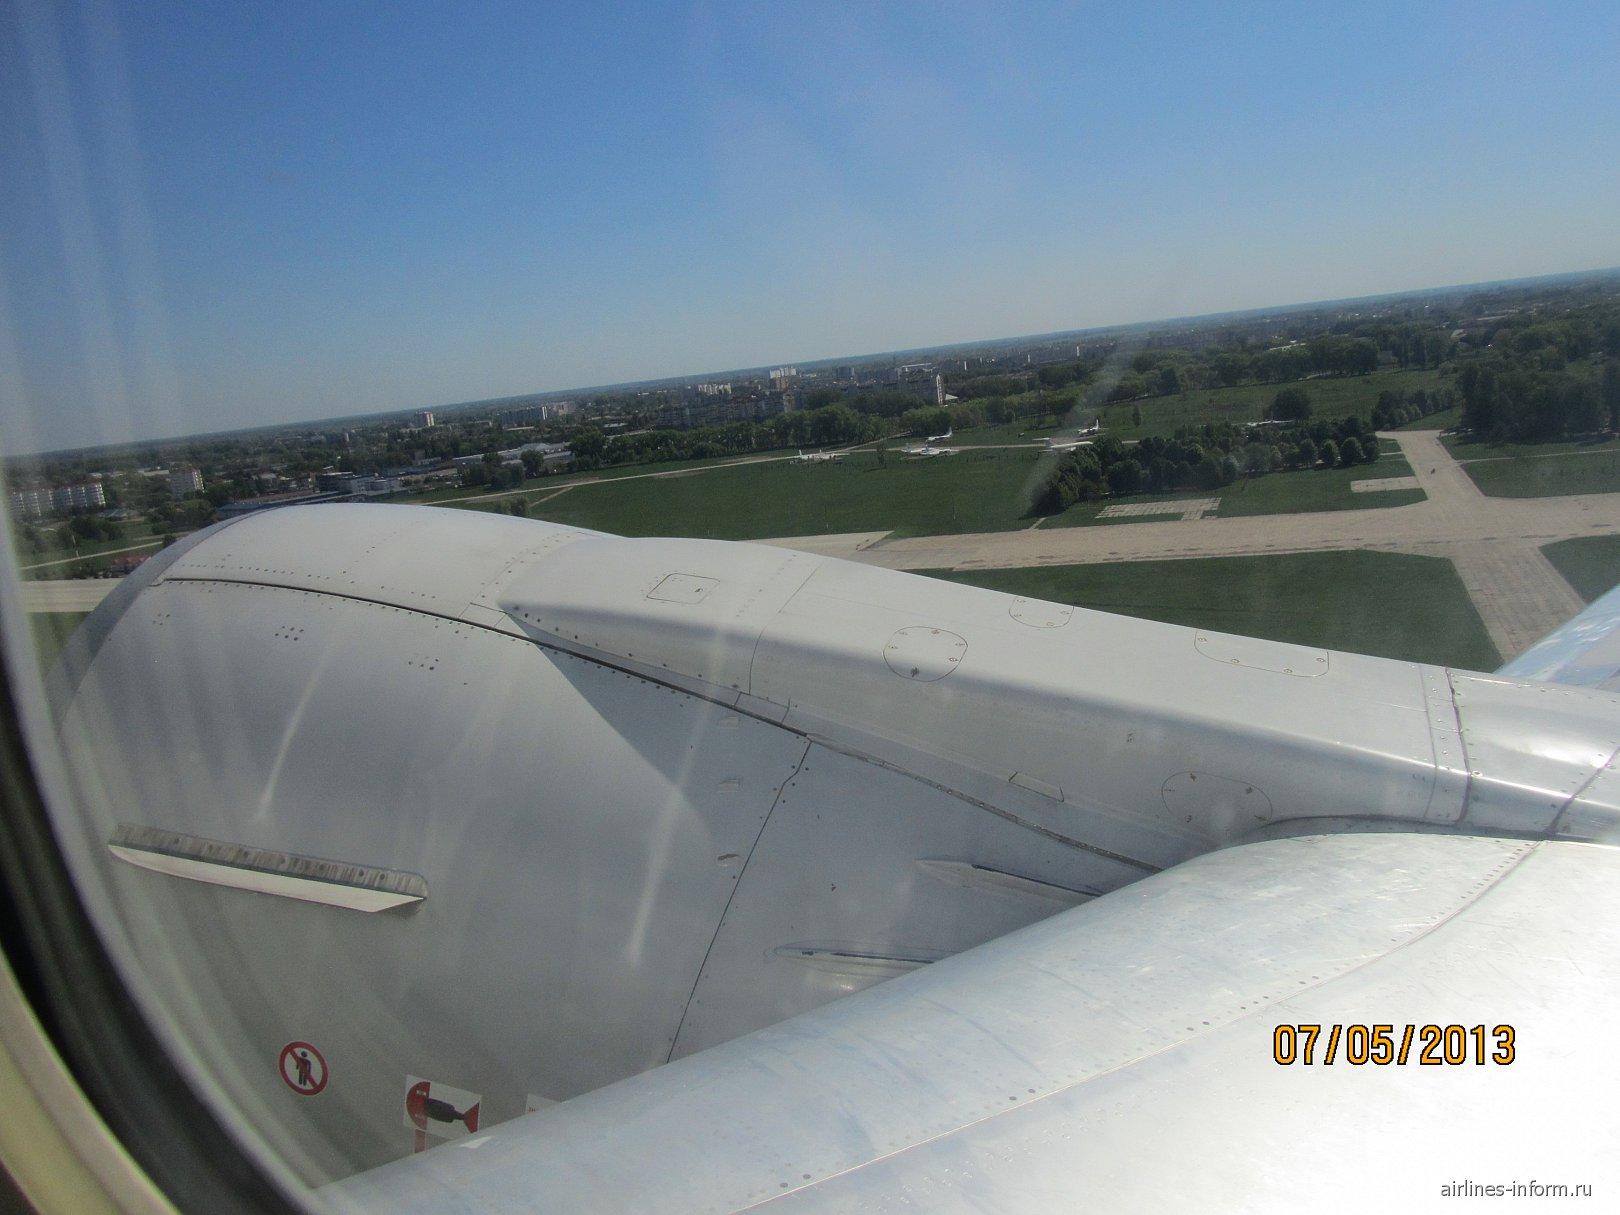 Взлет из киевского аэропорта Борисполь